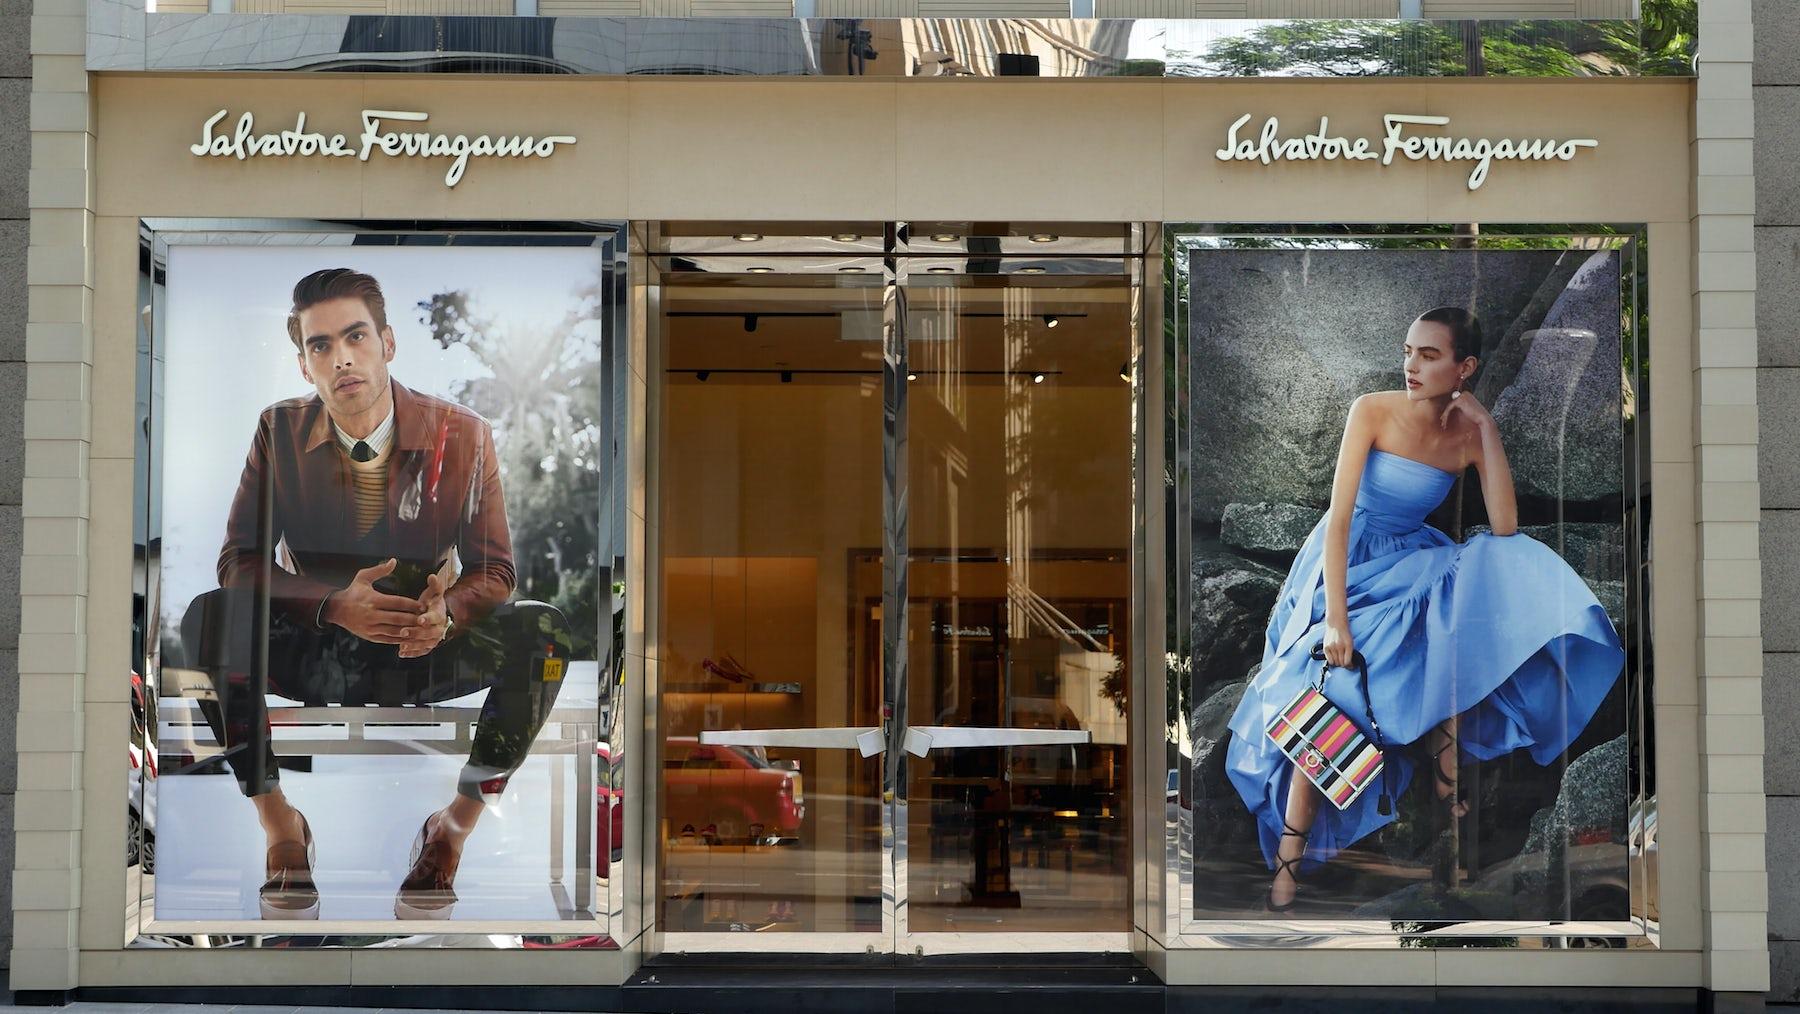 Salvatore Ferragamo Store   Source: Shutterstock